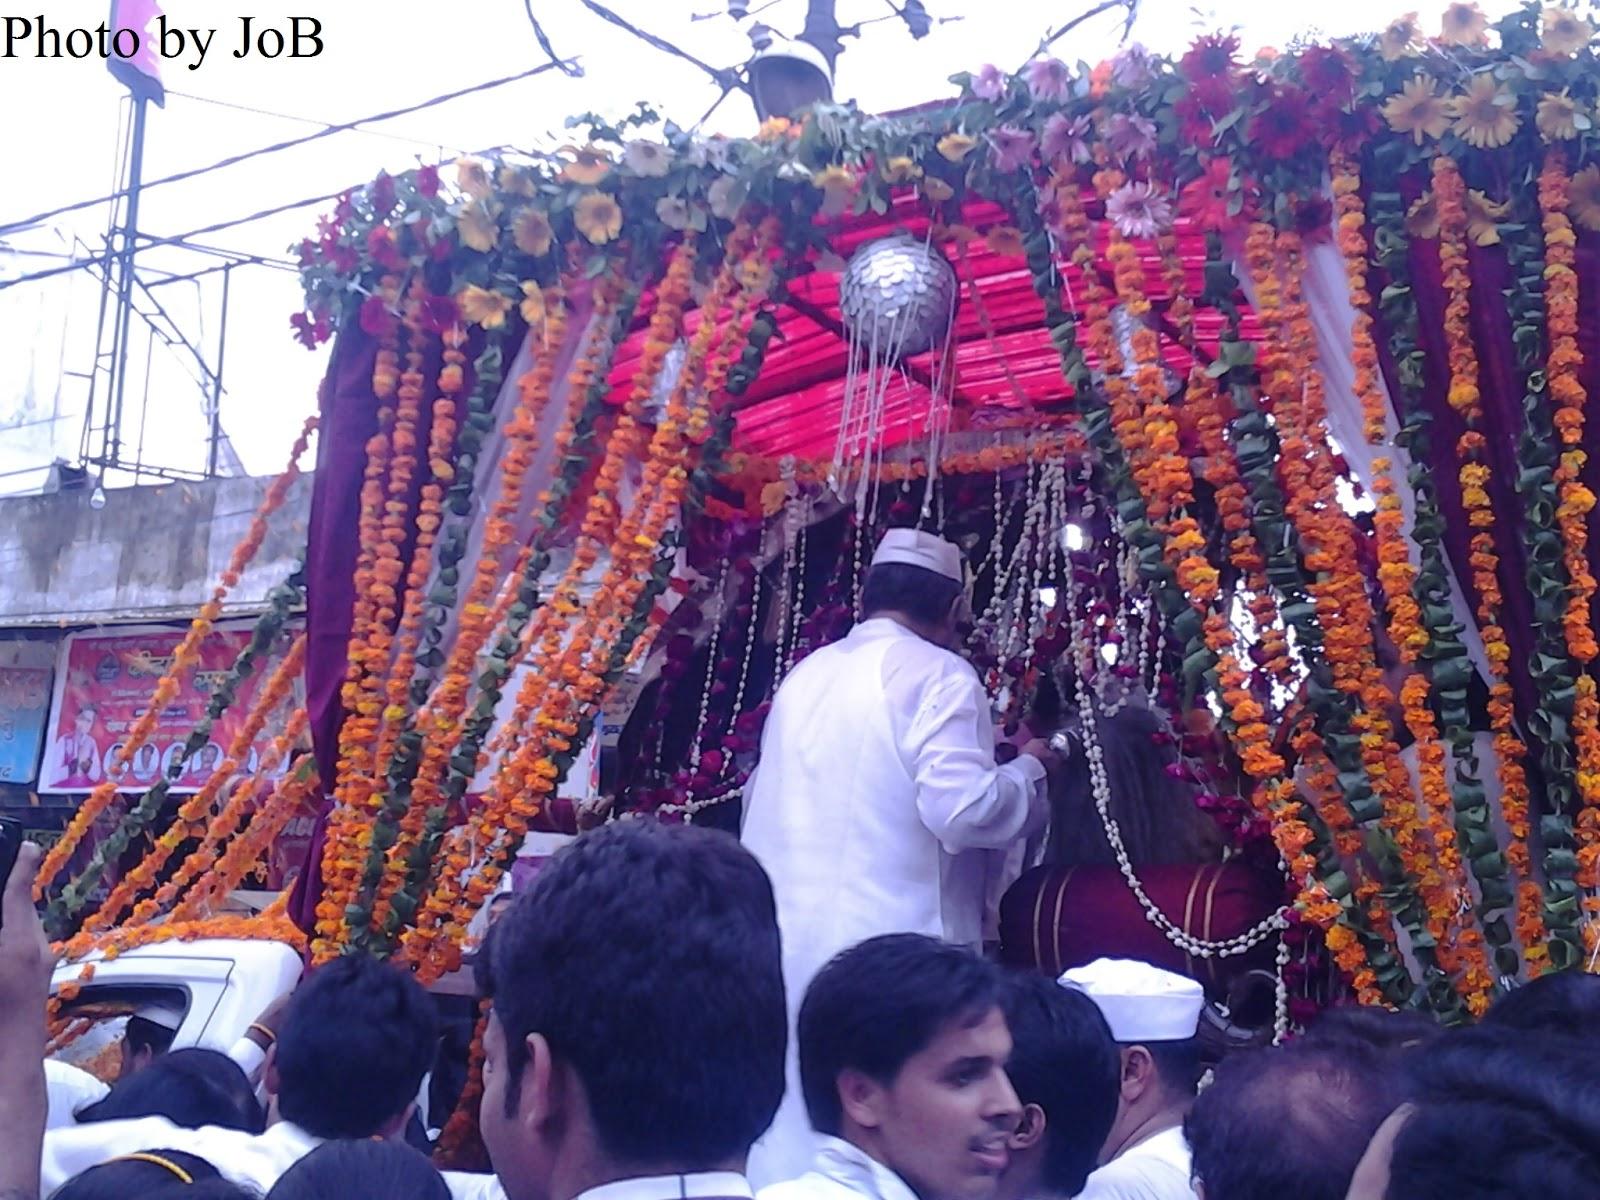 Sai Palki Wallpaper 22 July 2013 Shri Sai Baba